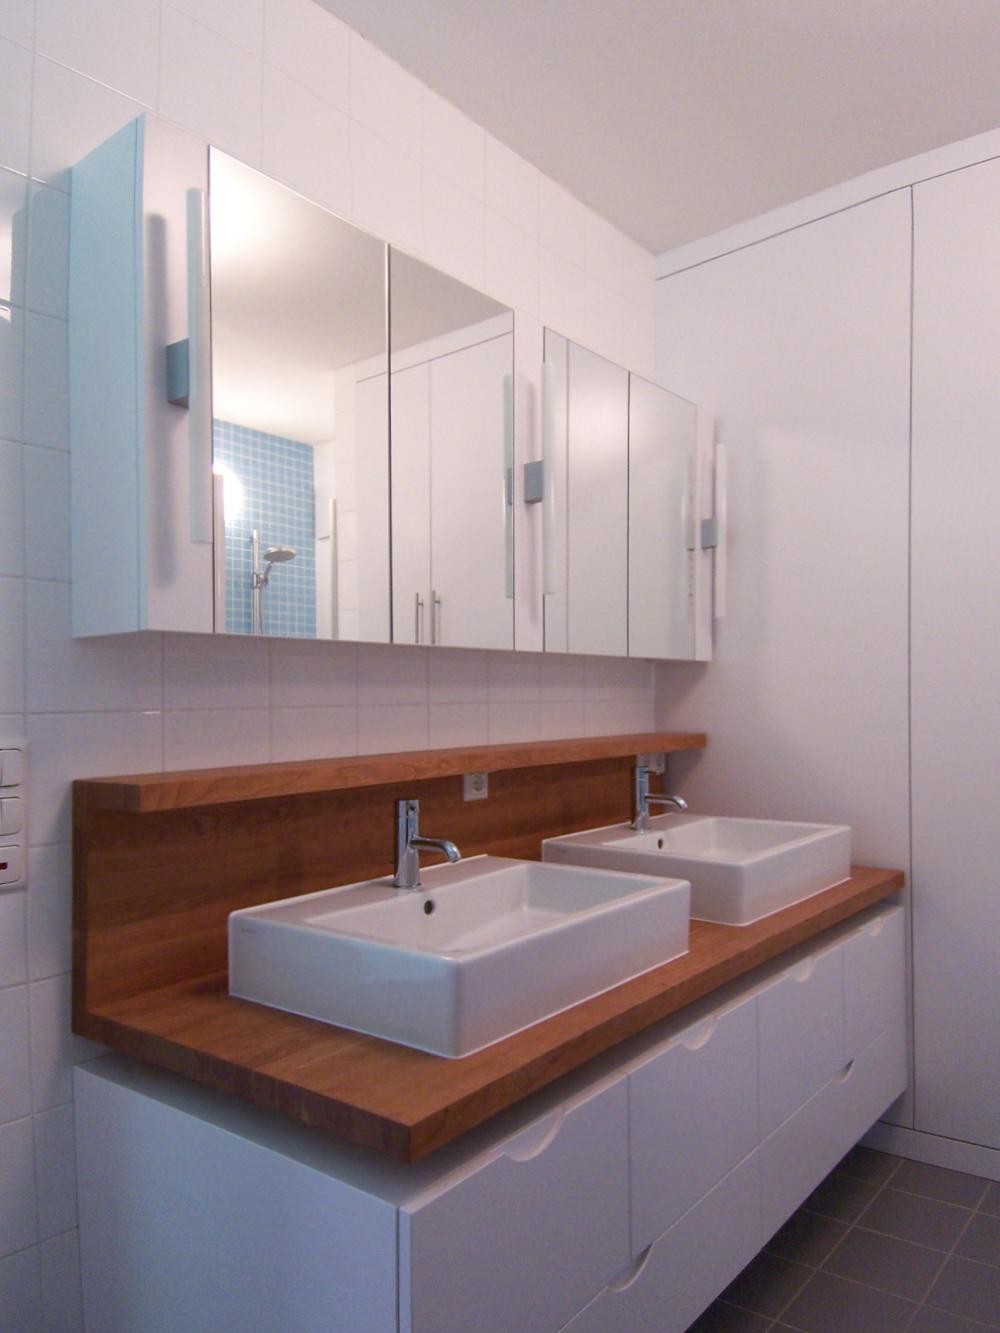 Bild des Bades mit integriertem Möbeldesign (Doppel-Waschtisch & Dusche) von einem Einfamilienhaus das von Architekten geplant wurde